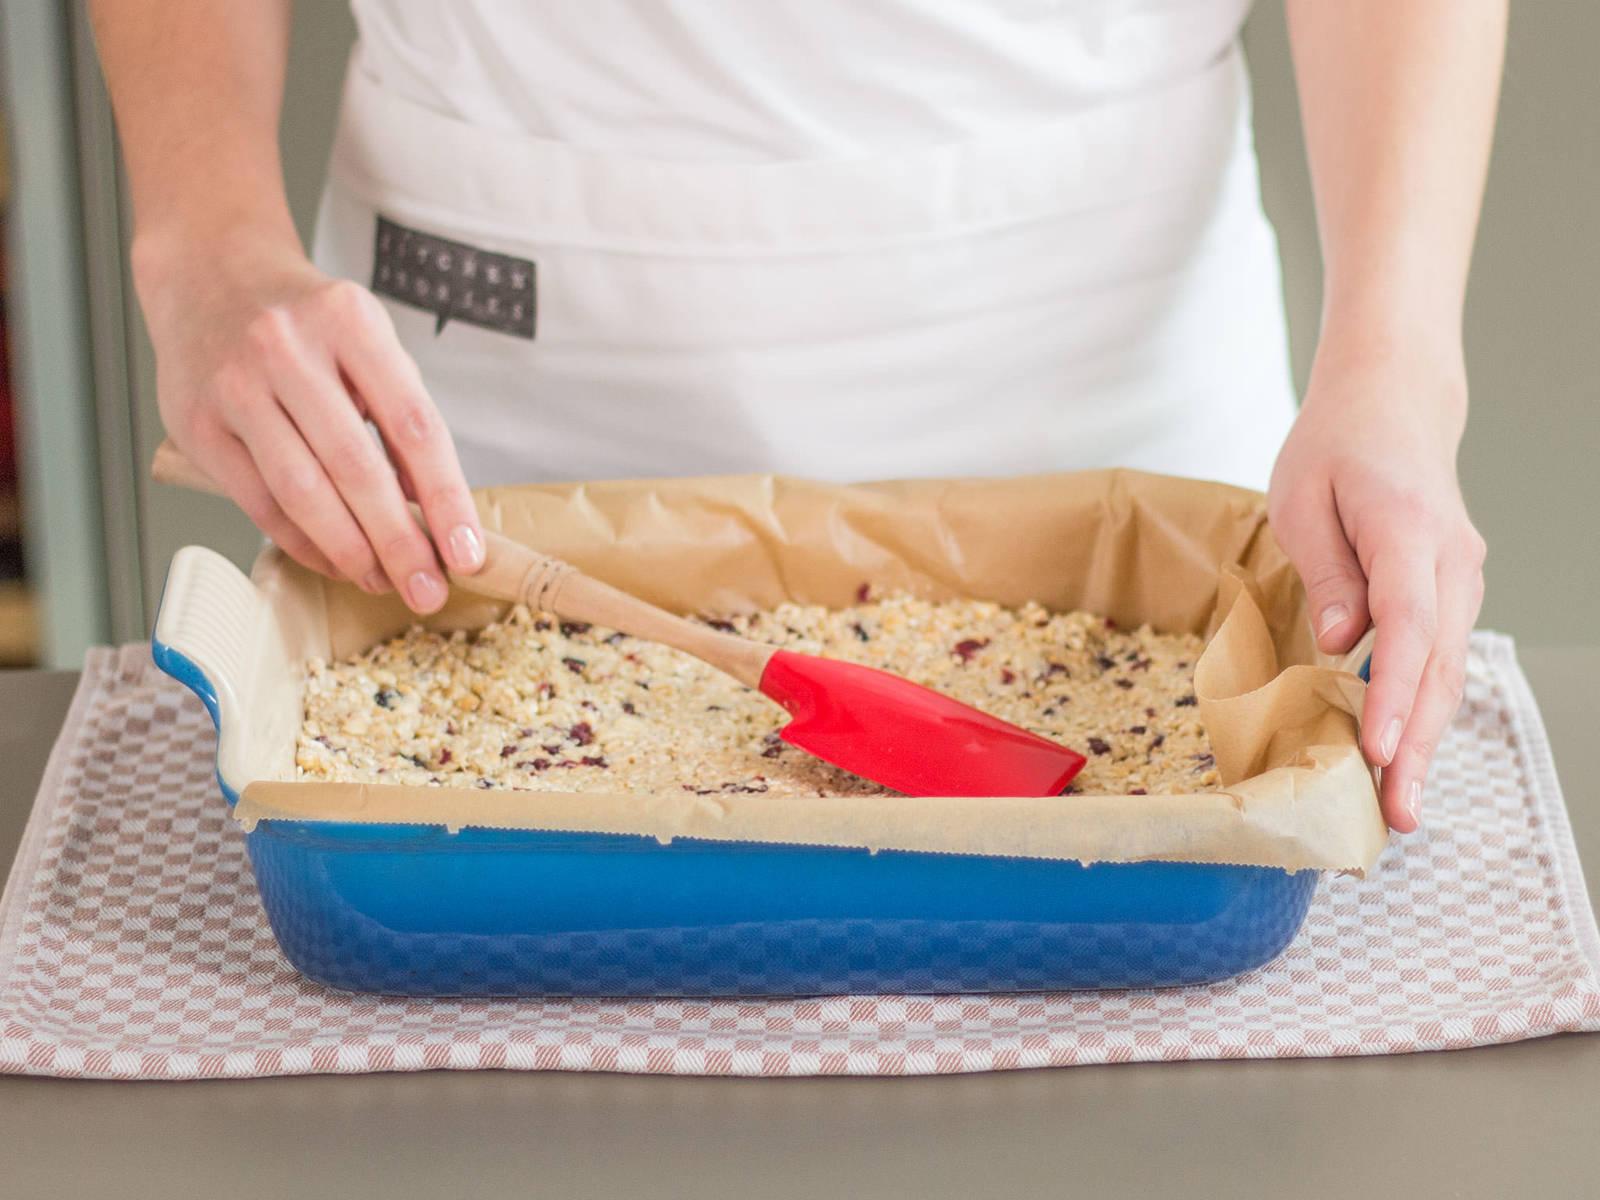 Masse in eine mit Backpapier ausgekleidete ofenfeste Form geben und mit einem Gummispatel glatt streichen. Anschließend im vorgeheizten Backofen bei 130°C ca. 45 – 50 Min. goldbraun backen. Aus dem Ofen nehmen und ca. 10 Min. abkühlen lassen.